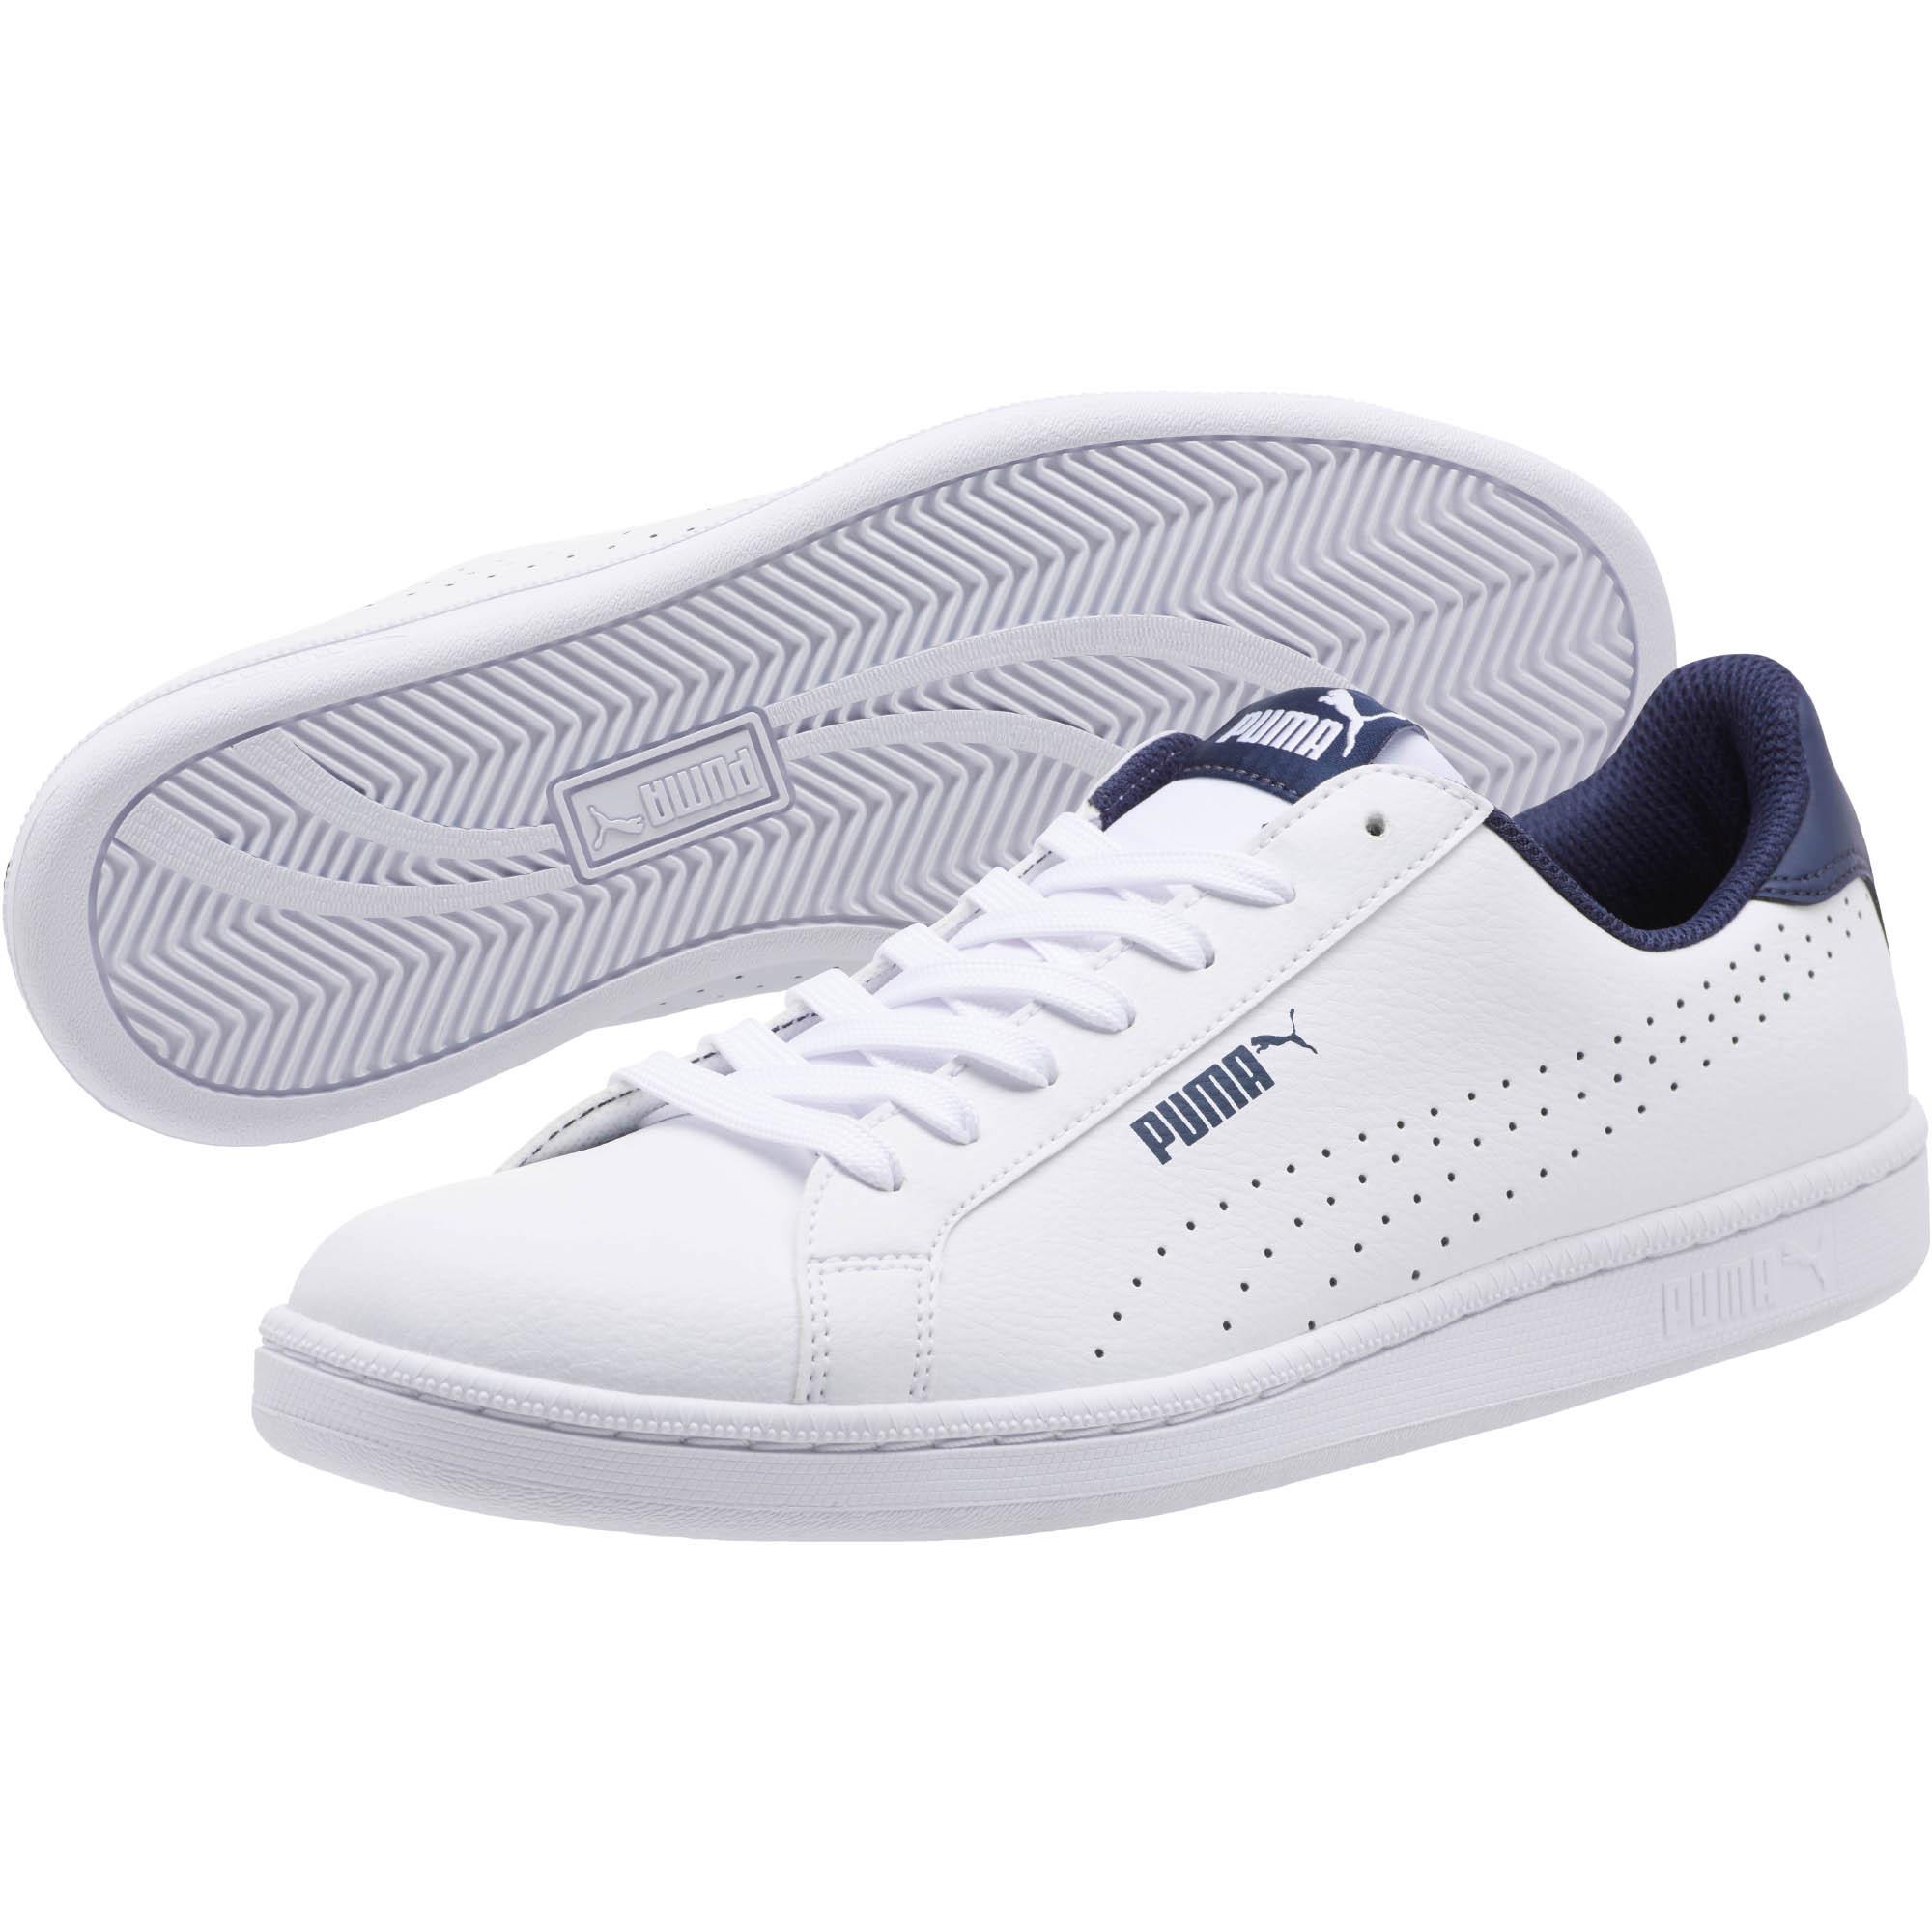 7ba6227683e Official Puma Store  PUMA Smash Perf Sneakers